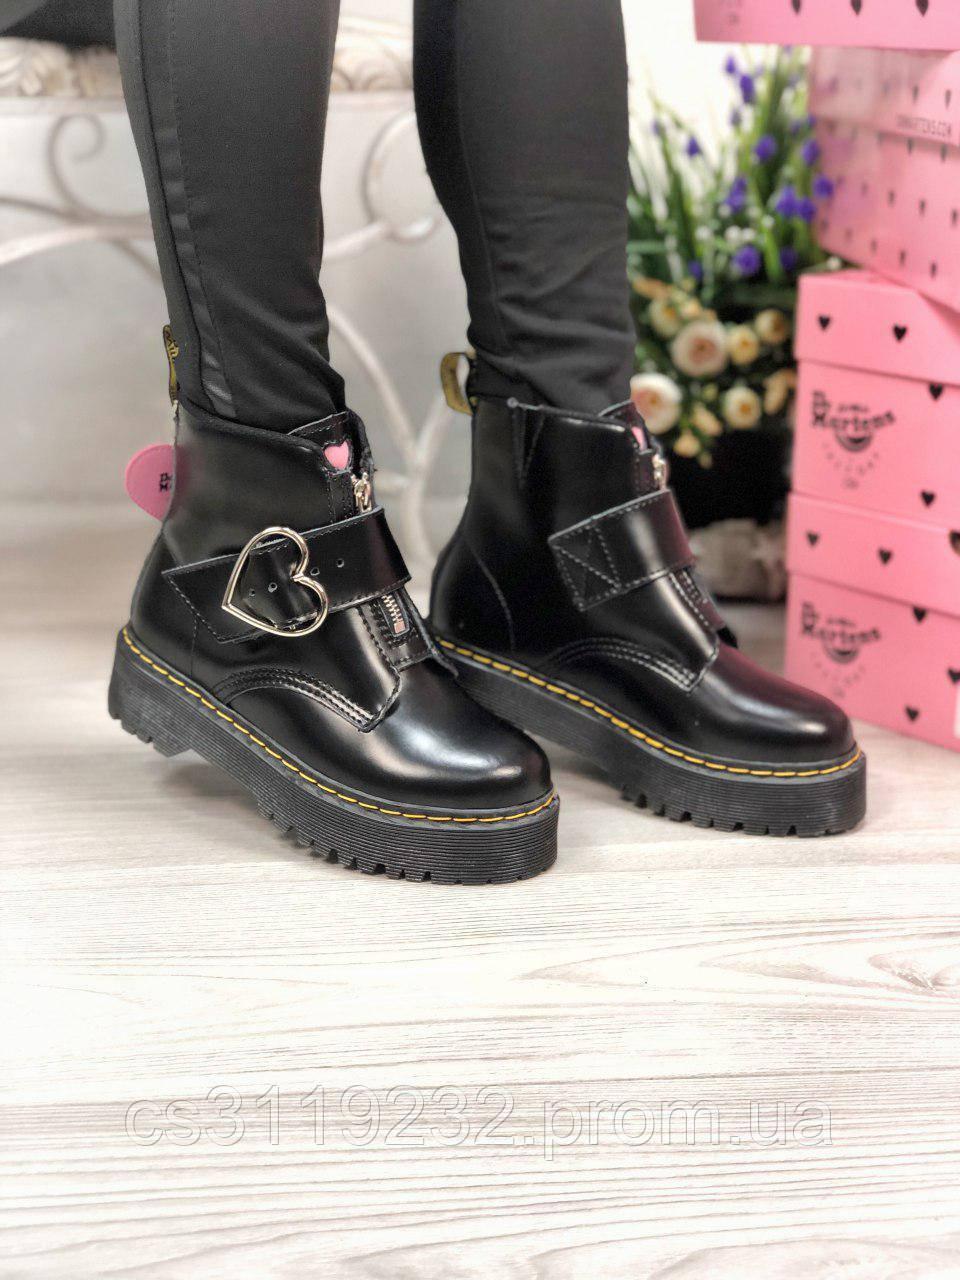 Женские ботинки осенне-зимние Dr.Martens Chelsea (термоподкладка) (черный)